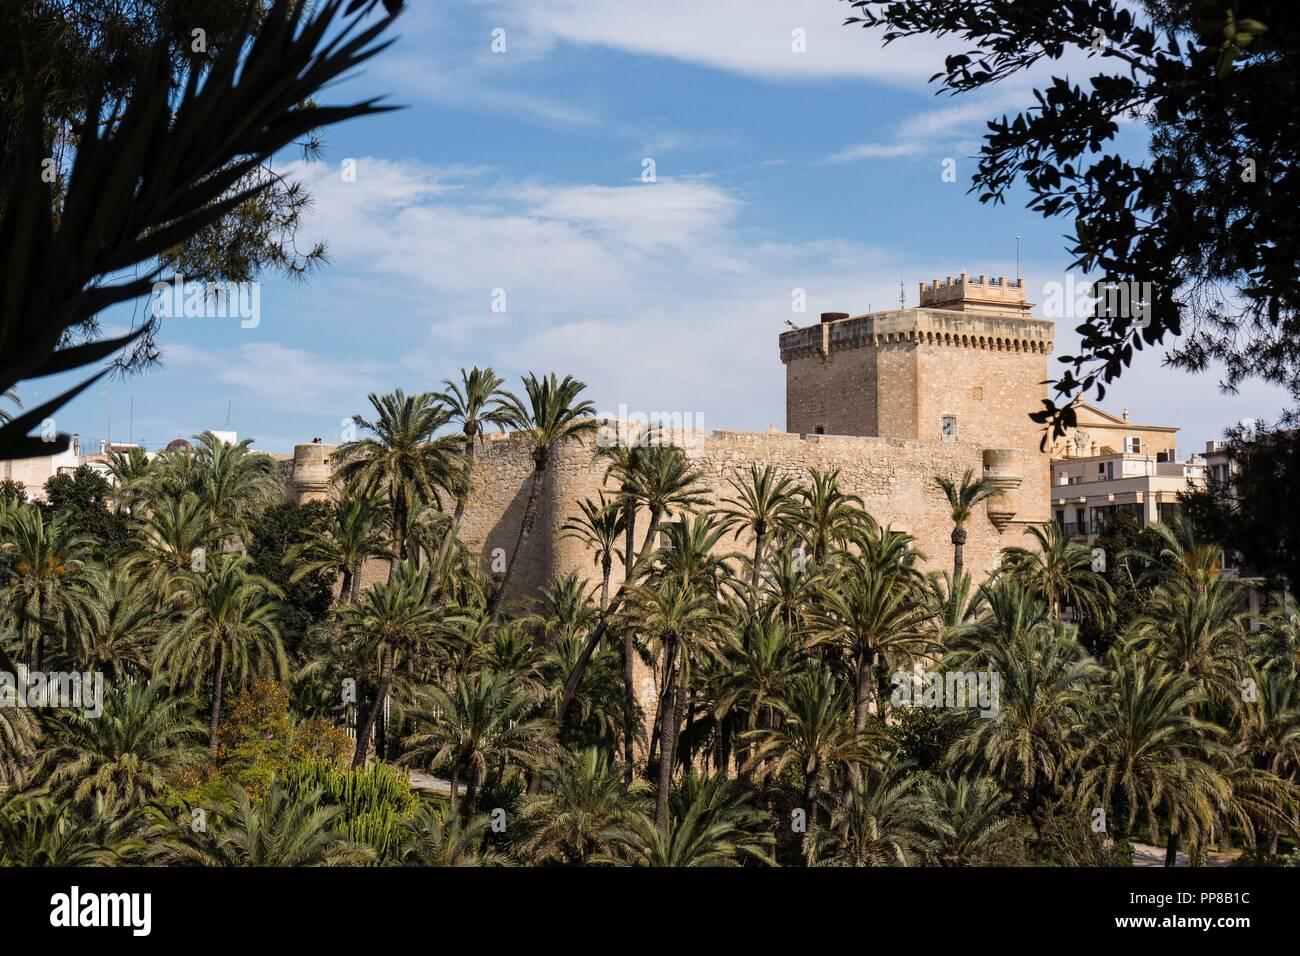 Palacio de Altamira,,  Palmeral de Elche, Patrimonio de la Humanidad por la Unesco, comunidad Valenciana, Spain. - Stock Image